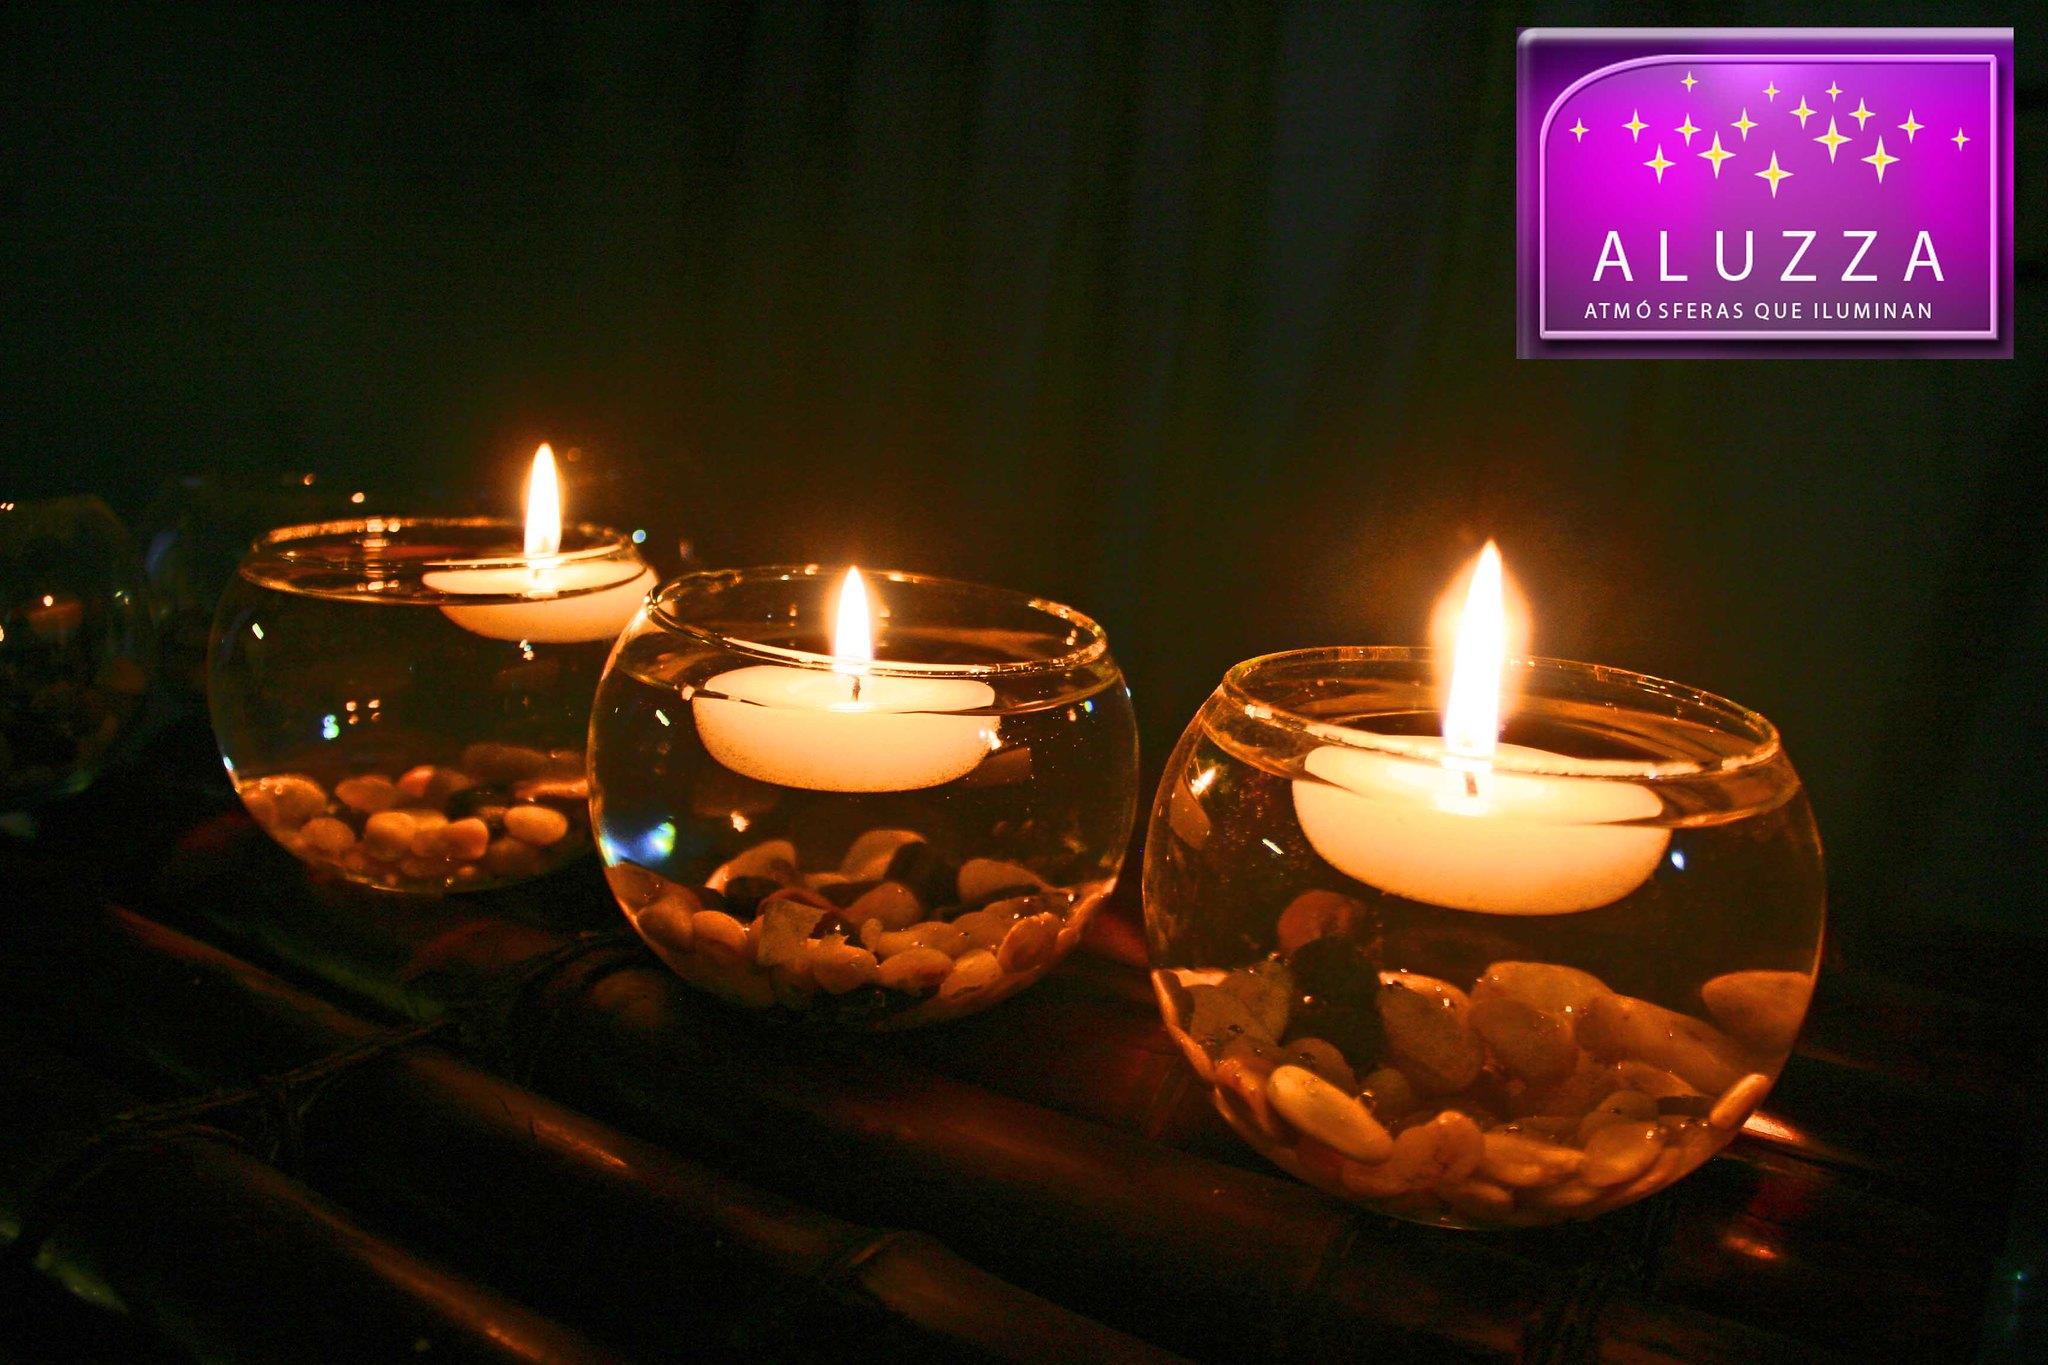 Peceras de cristal con velas flotantes y piedra aluzza - Como hacer velas flotantes ...